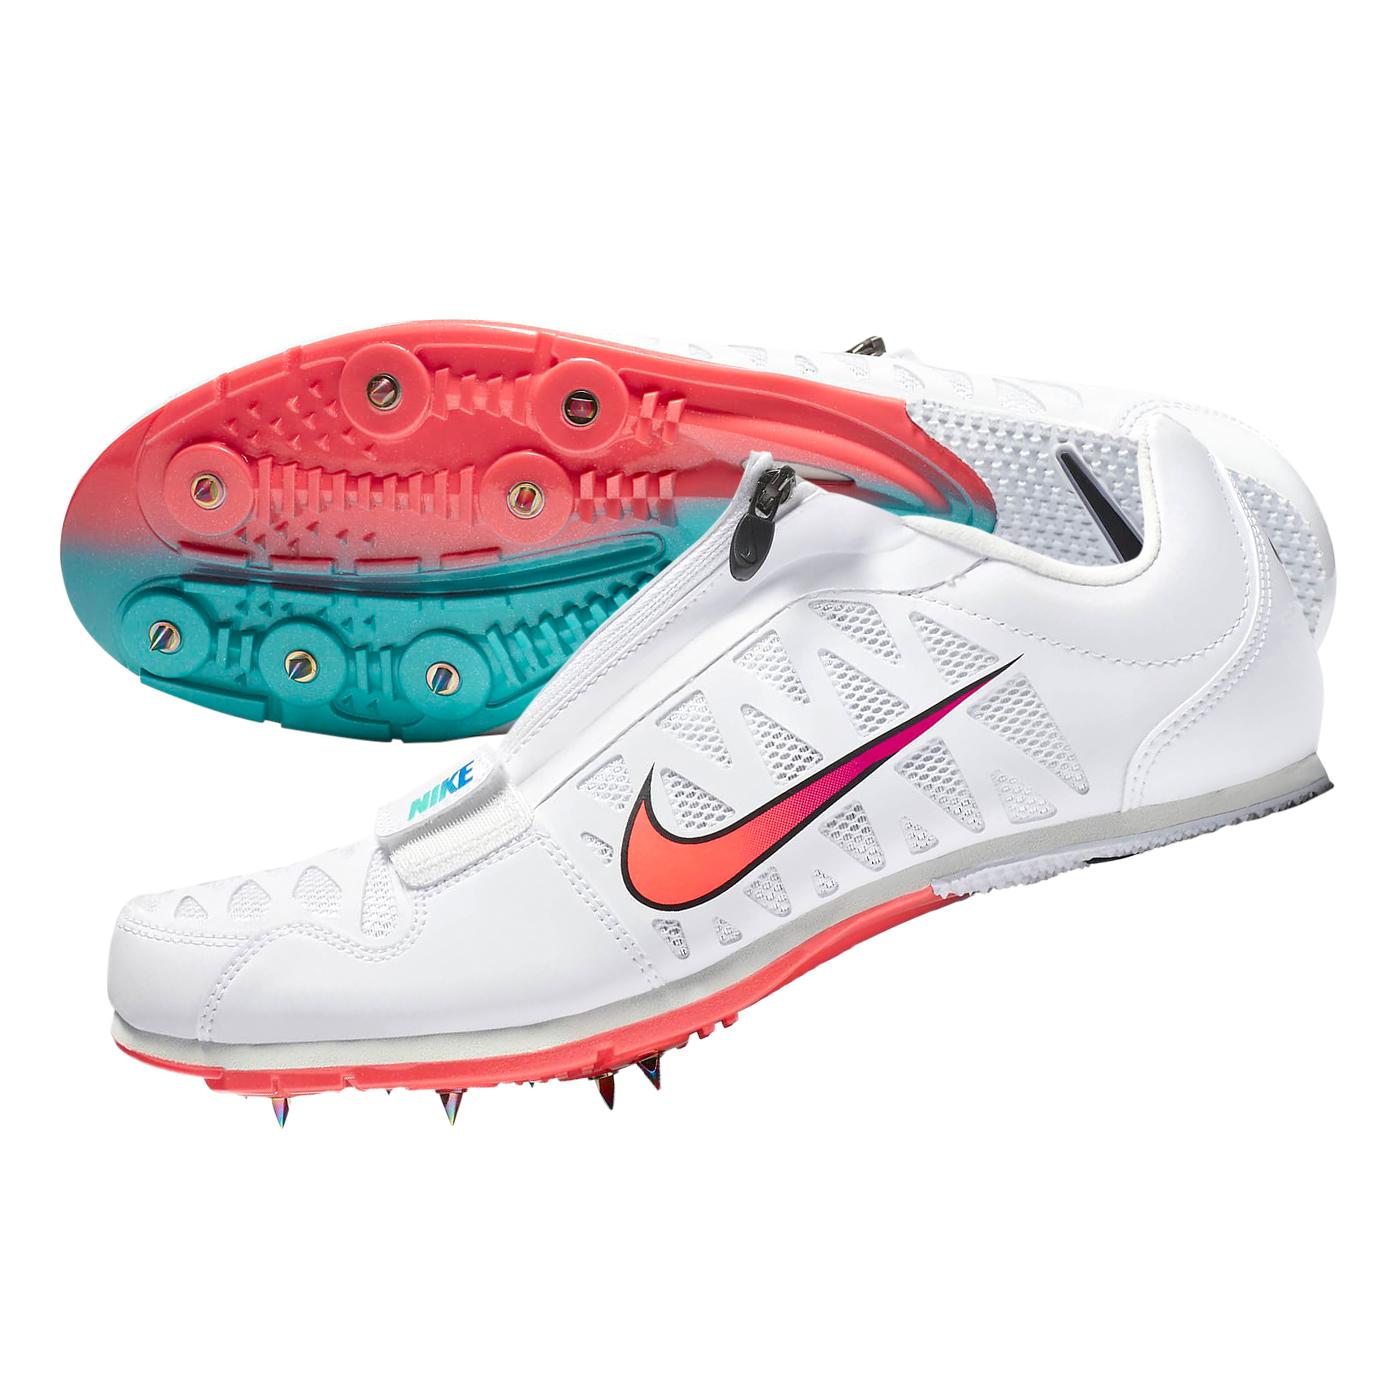 NIKE 田徑跳遠鞋  @ZOOM LJ 4@415339101 - 白粉紫綠藍